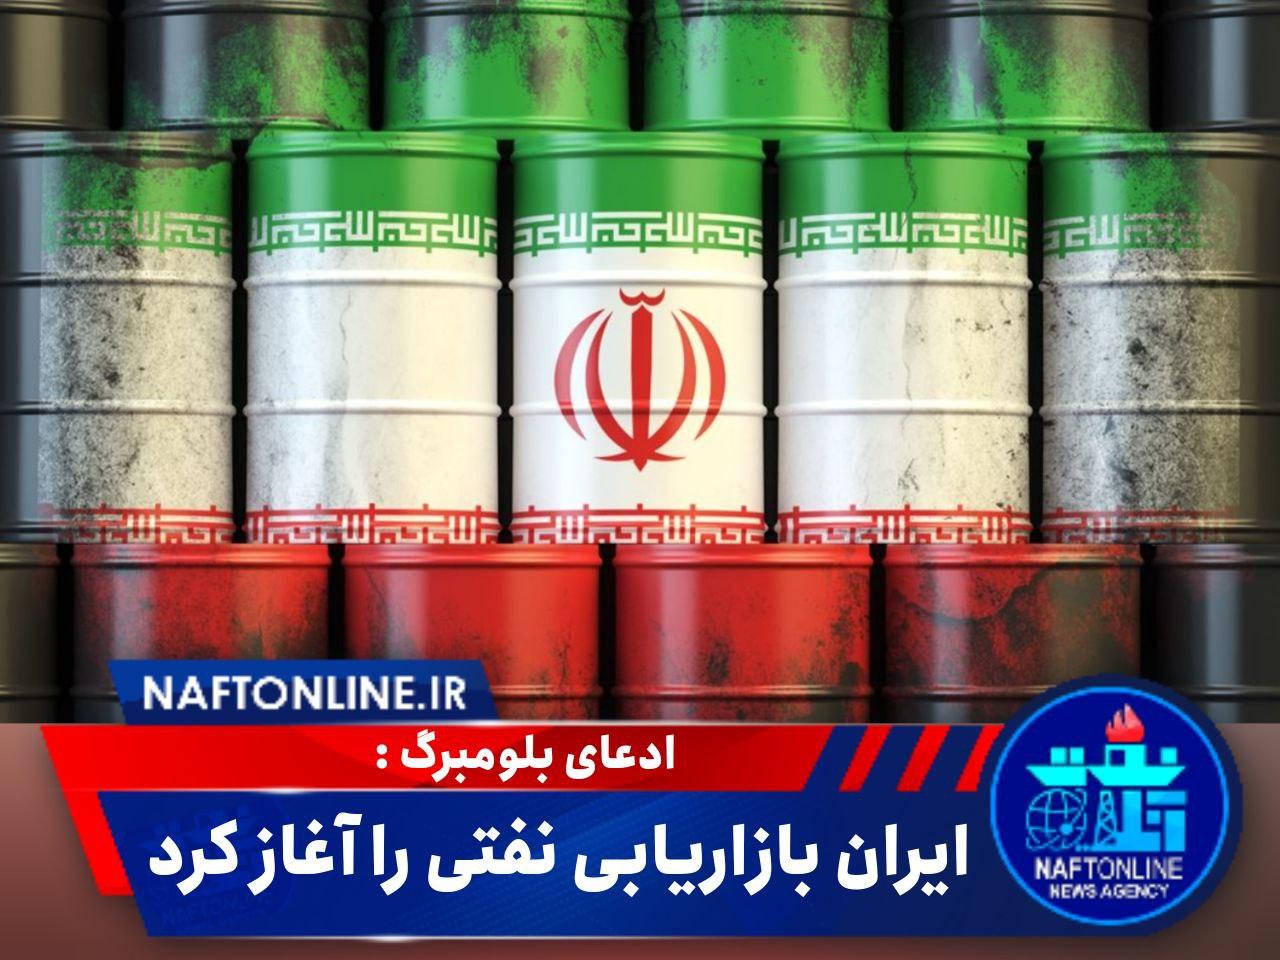 بلومبرگ | فروش نفت ایران